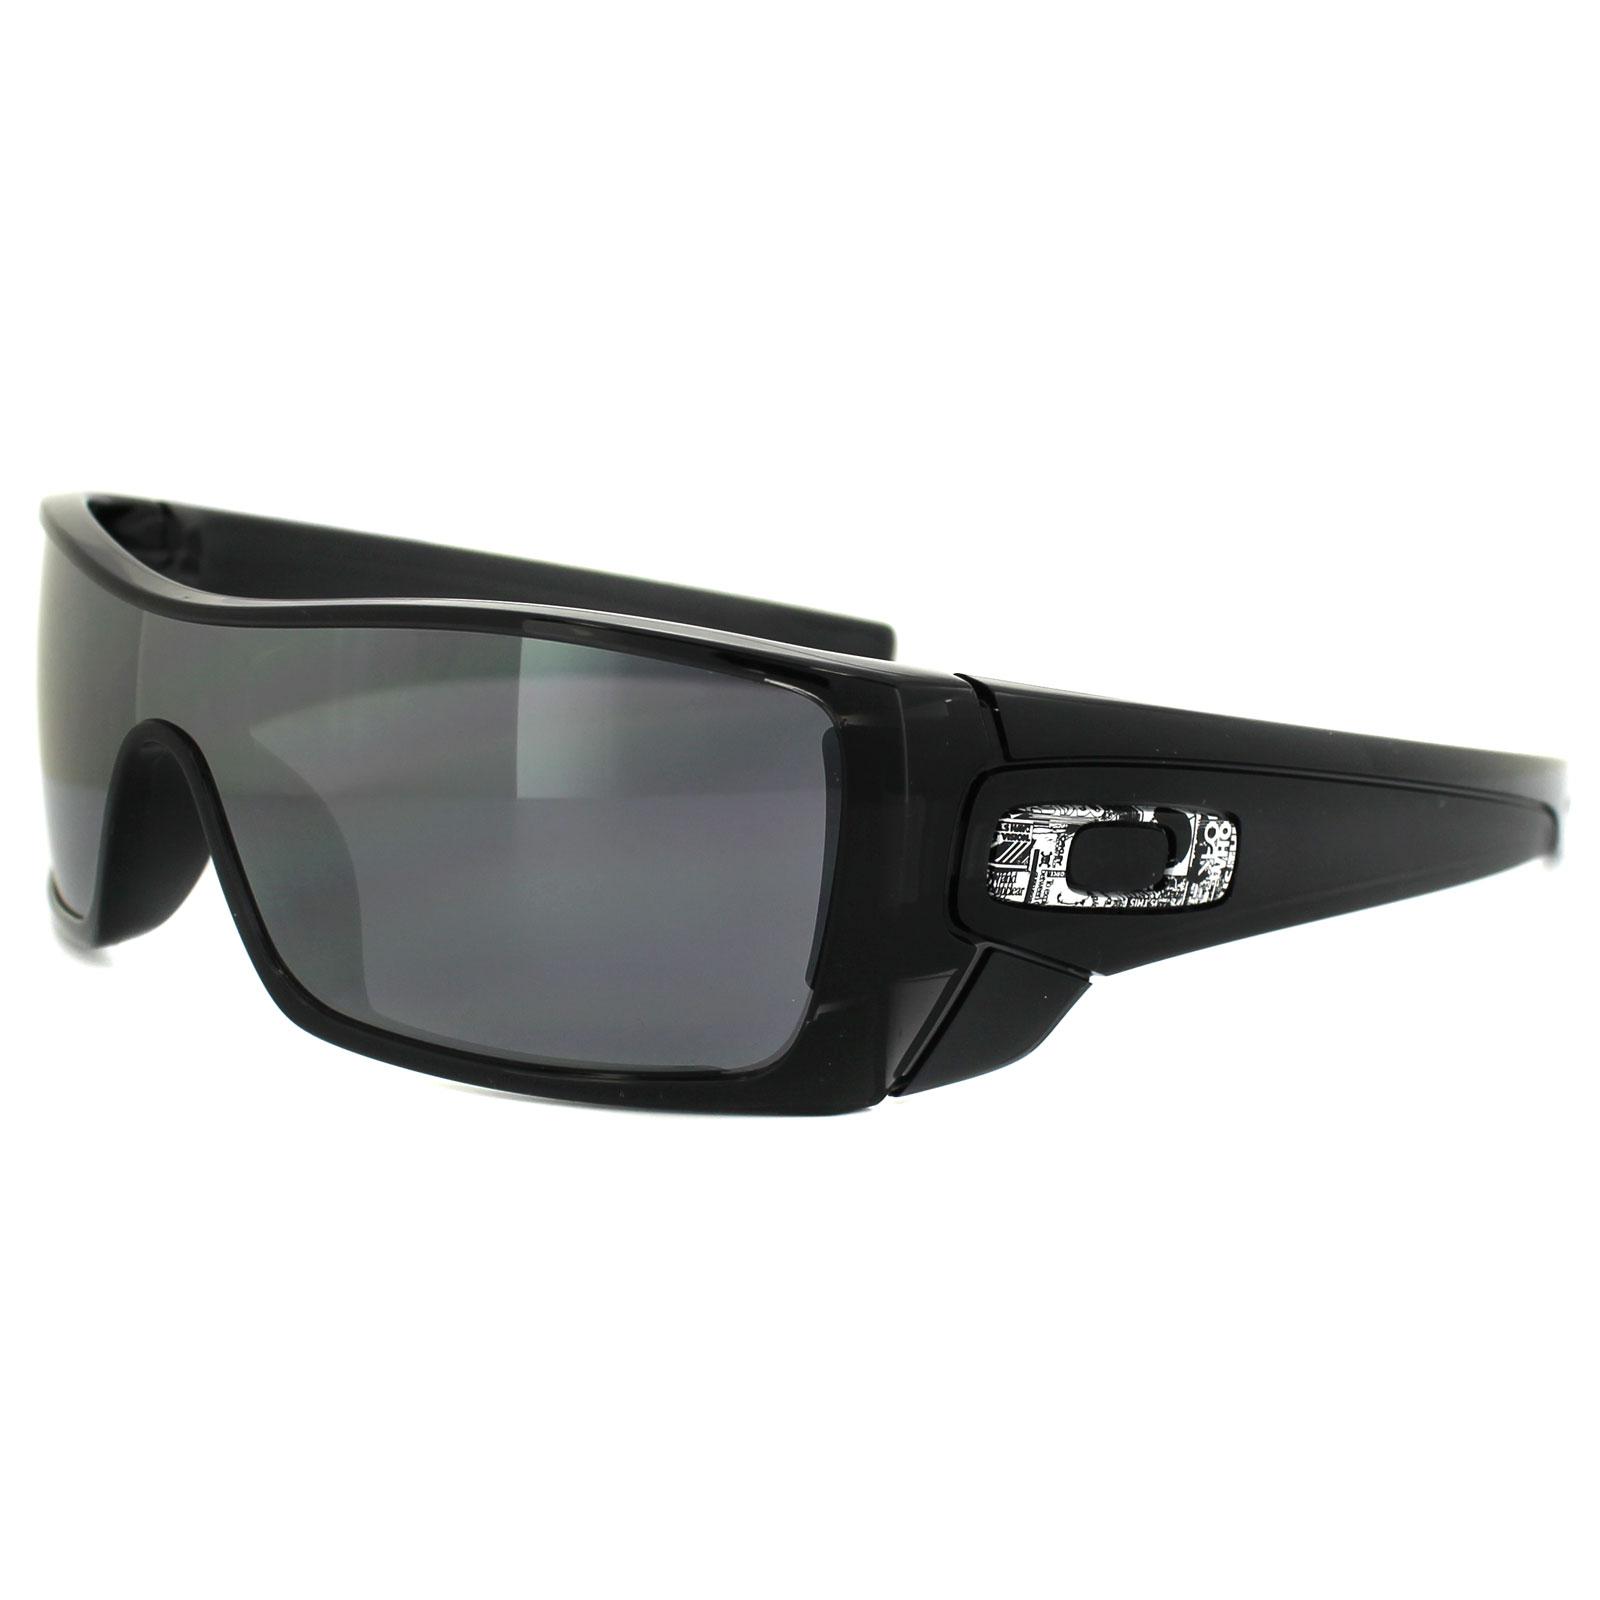 Oakley Sunglasses Batwolf OO9101-01 Black Ink Black Iridium ...